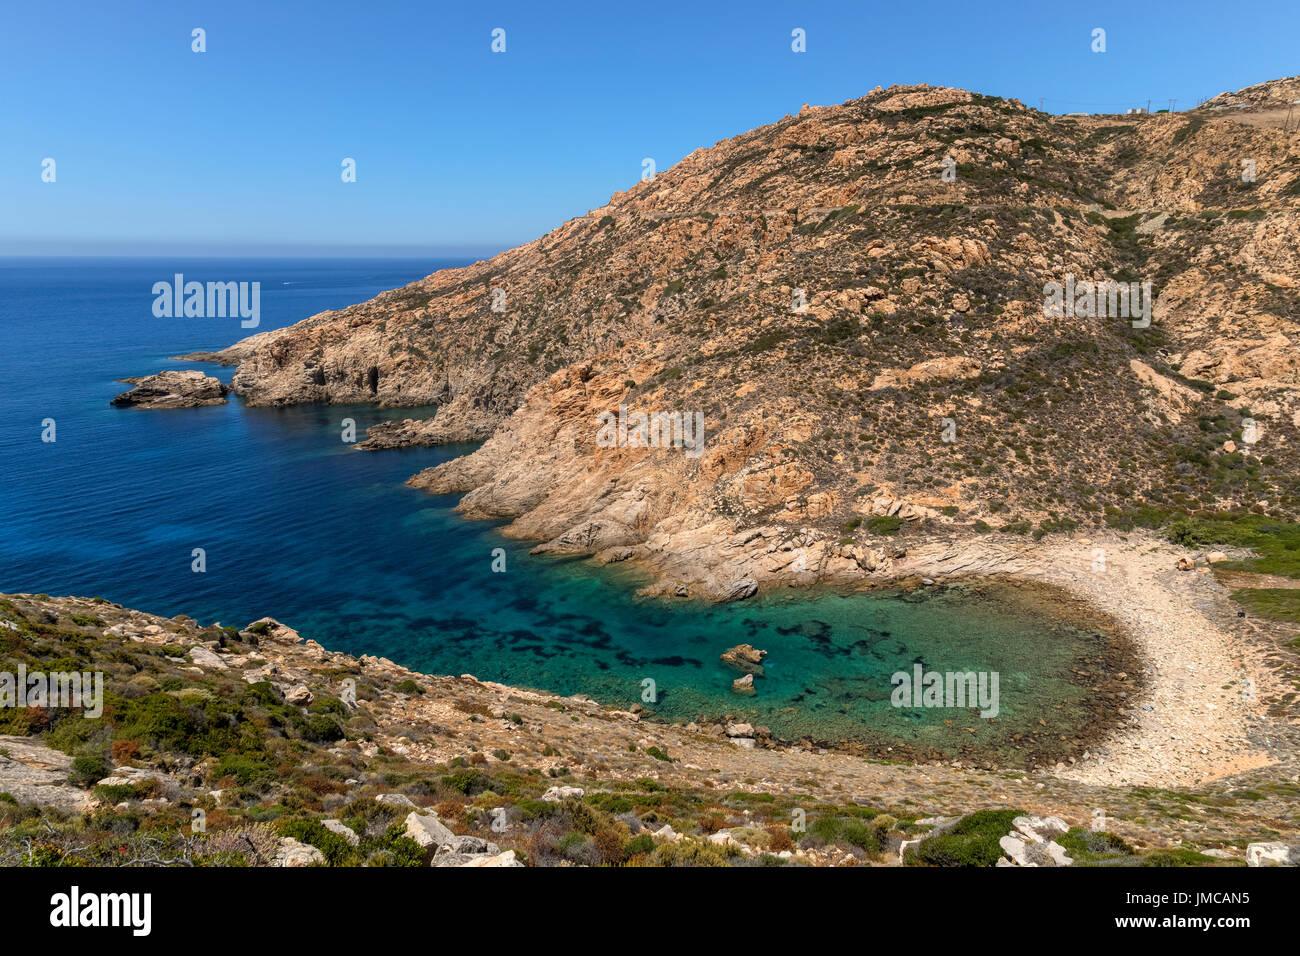 Port'Agro, Punta Coda, Calvi, La Rivellata, Corsica, France - Stock Image